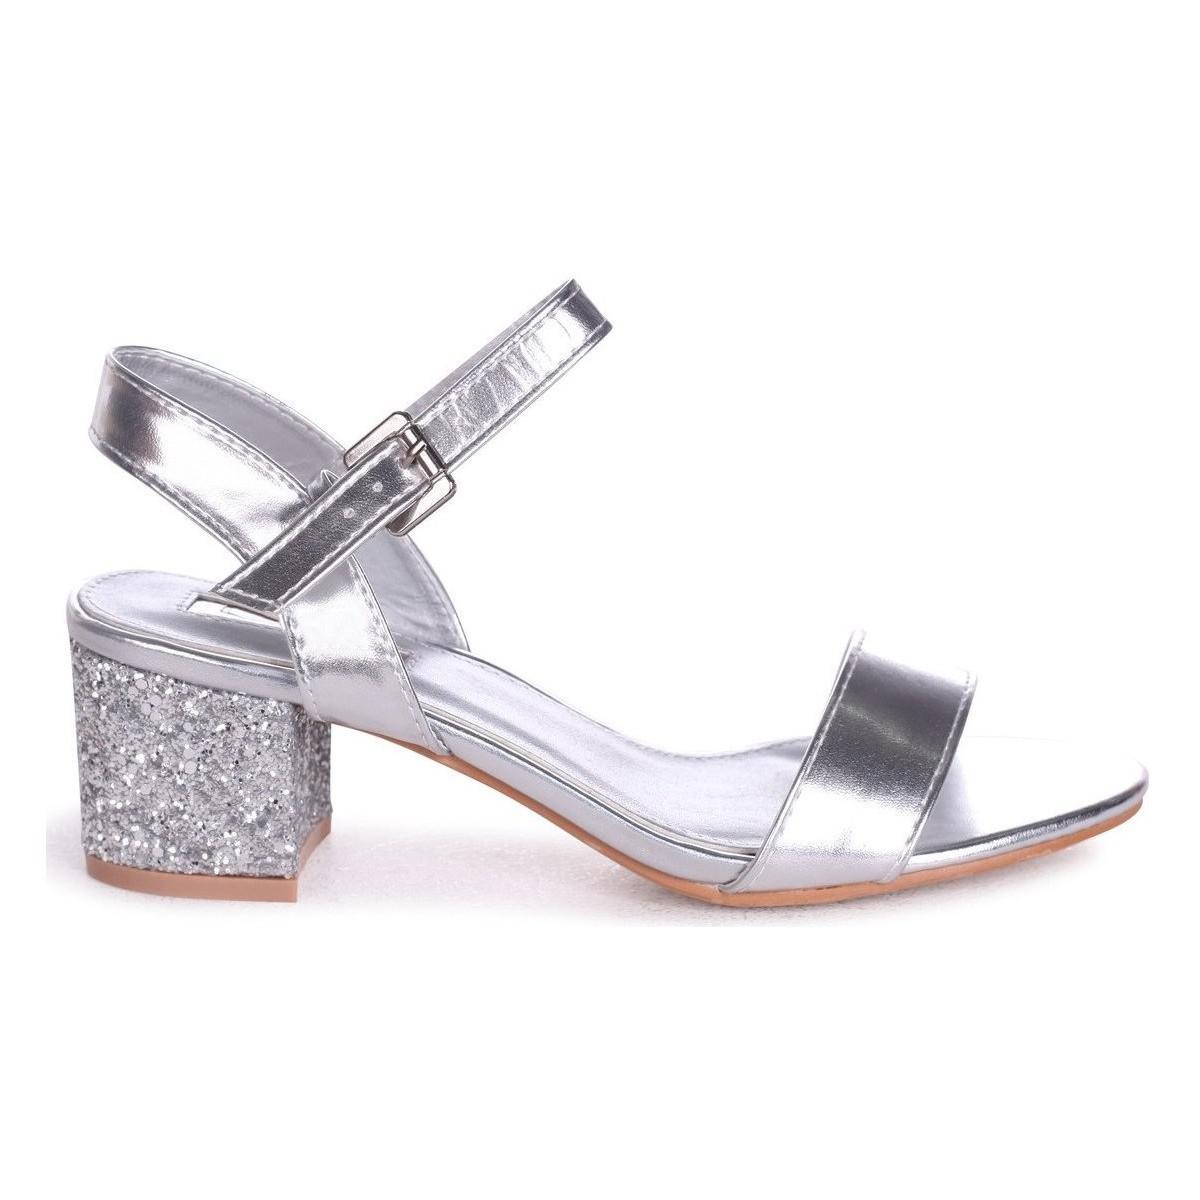 f39d5ca87a7 Linzi Guilty Women s Sandals In Silver in Metallic - Lyst